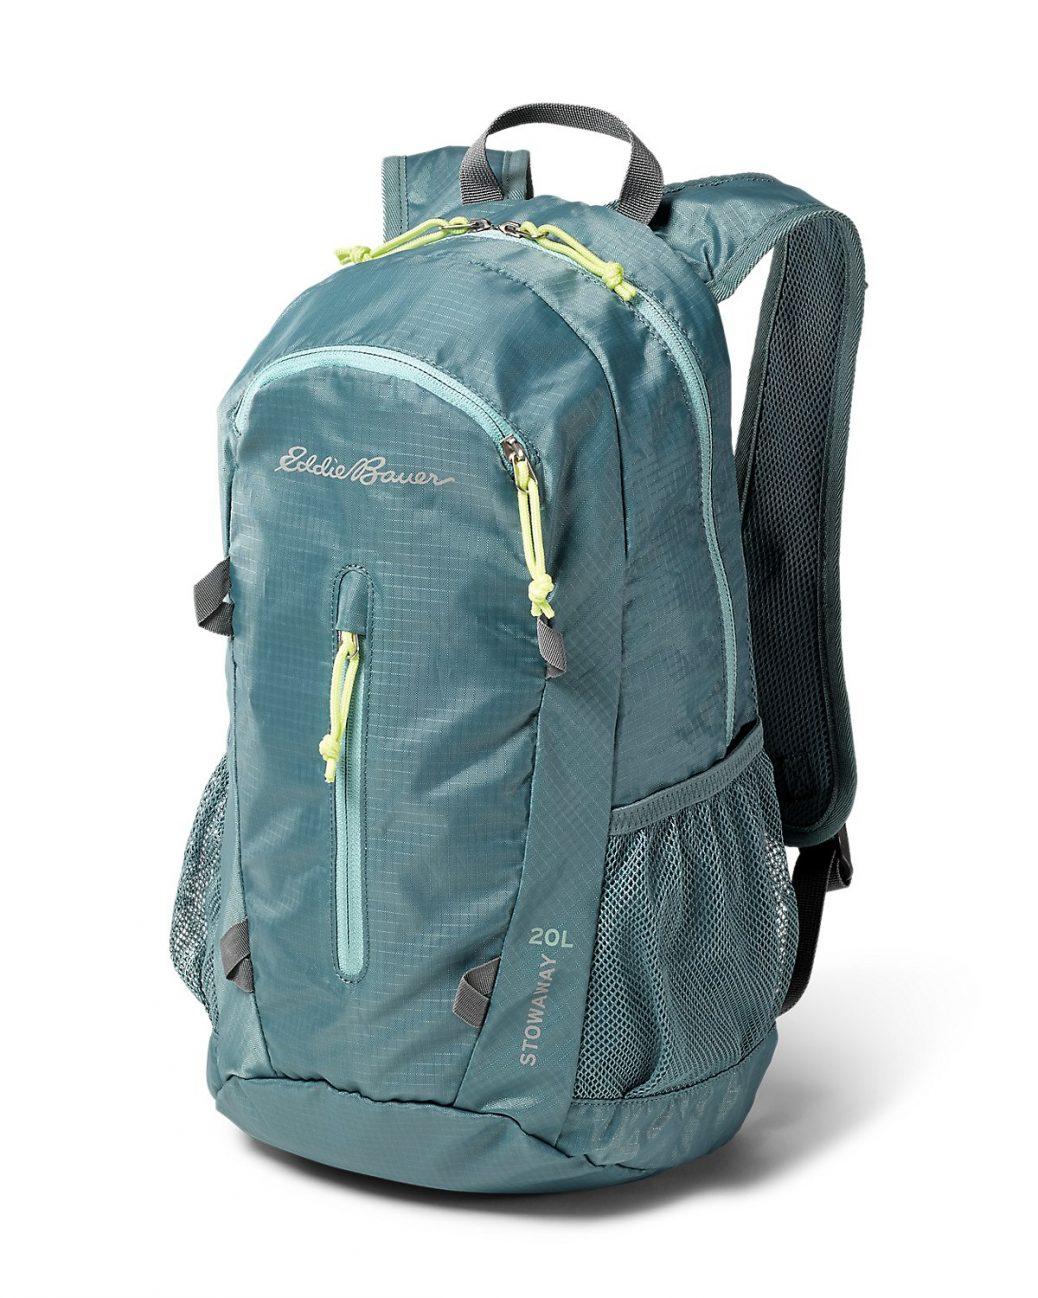 Eddie Bauer - Stowaway Packable 20L Daypack